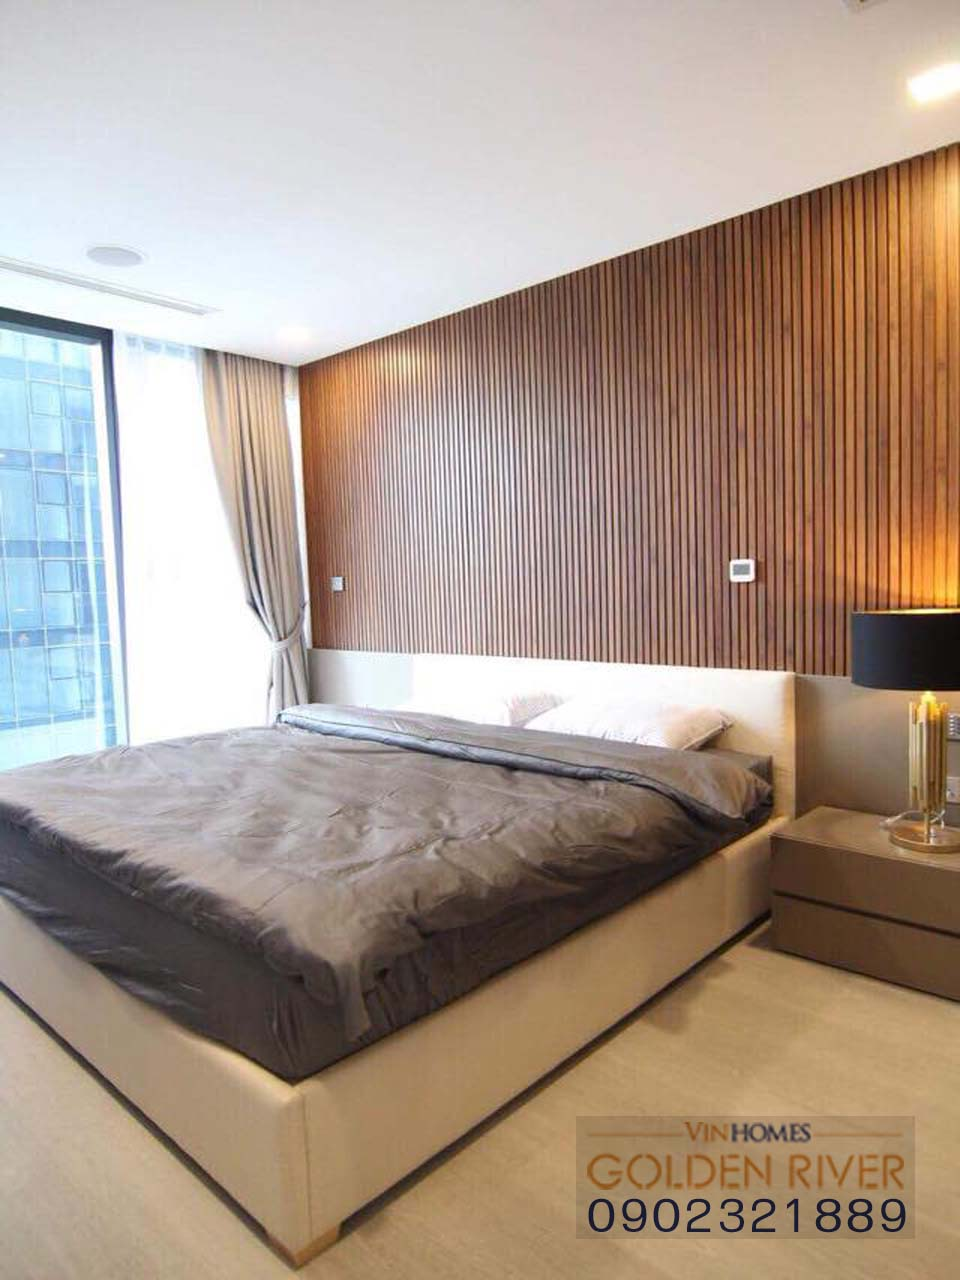 Vinhome Ba Son cho thuê căn hộ 51m2 nội thất cực đẹp - hình 10